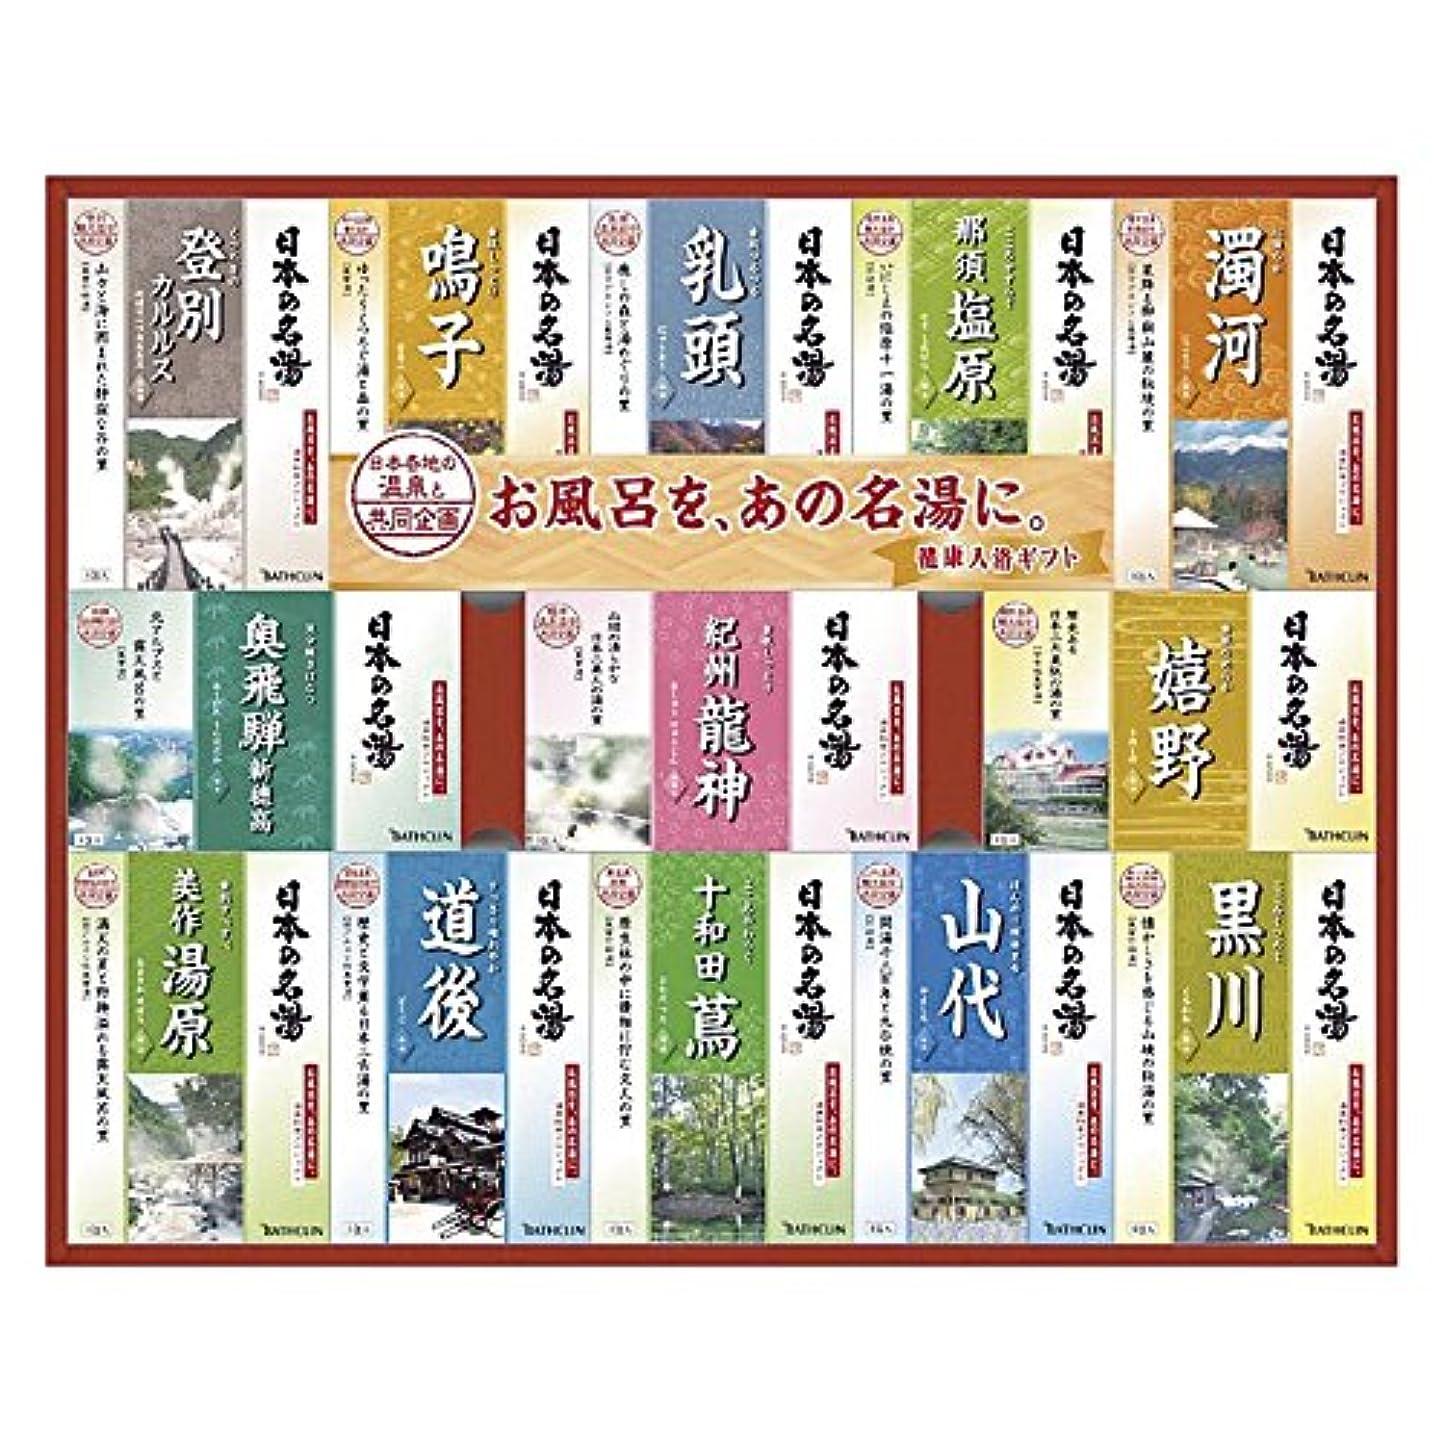 南方のネイティブブレークバスクリン 日本の名湯 ギフトセット NMG-50F 【個包装 セット 詰め合わせ 疲労回復 ご褒美 贅沢 プチギフト 温まる 温泉 粉 ご当地 まとめ買い 名湯 リラックス 美肌 つめあわせ やさしい やすらぎ】